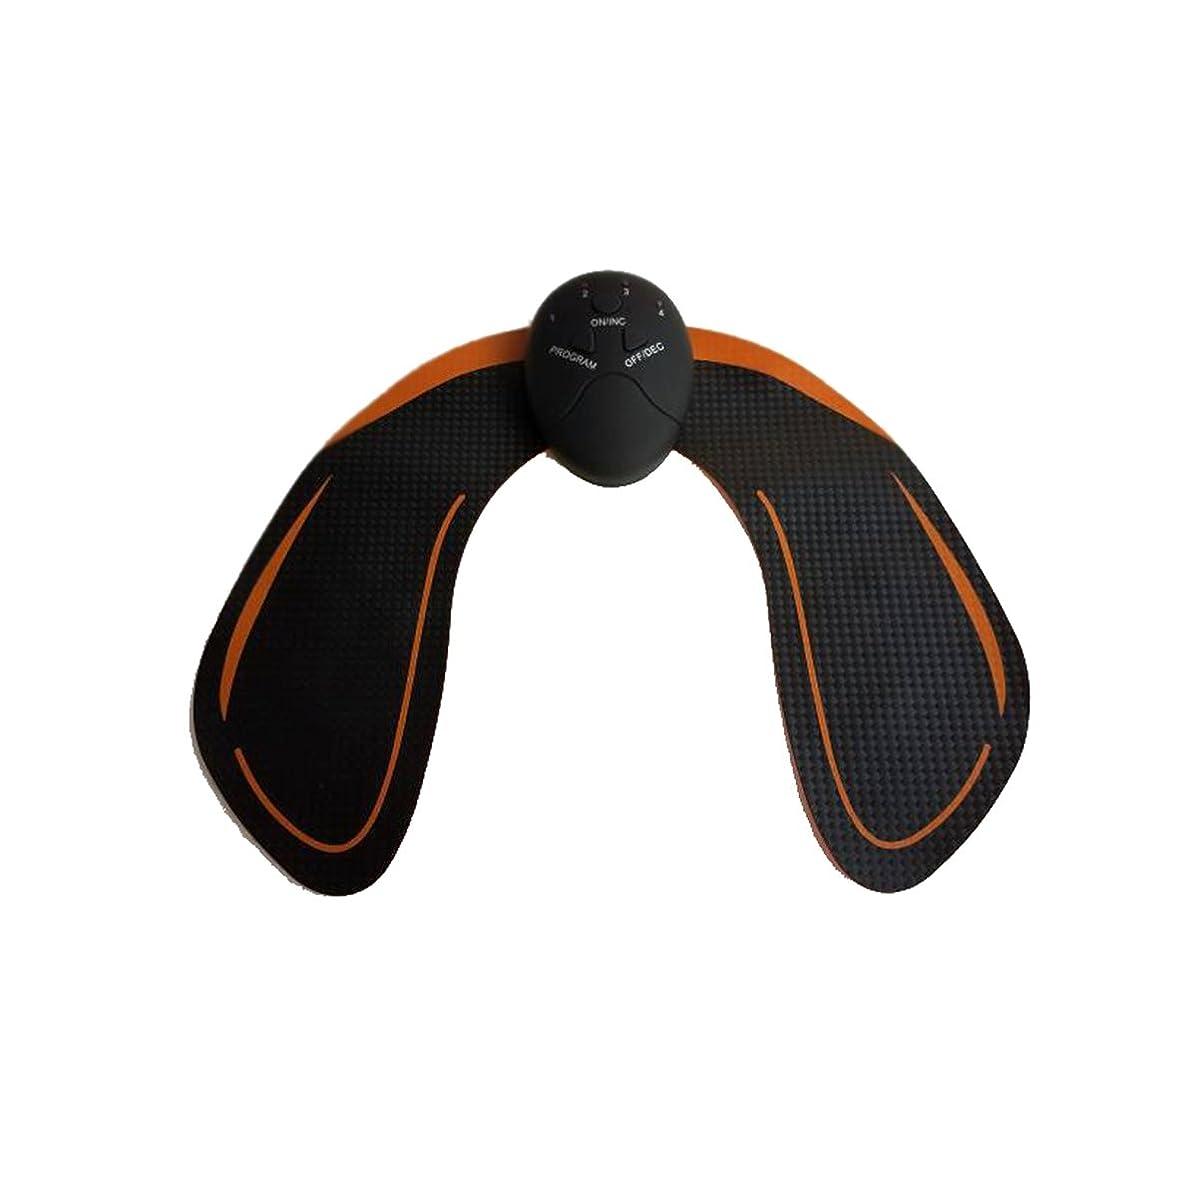 チケットハンドブック山岳Healifty EMS トレーニングパッド ヒップアップ お尻専用 多機能 筋トレ器具 ダイエット 筋肉振動 引き締める 強さ階段調節 電池式 男女兼用(黒)